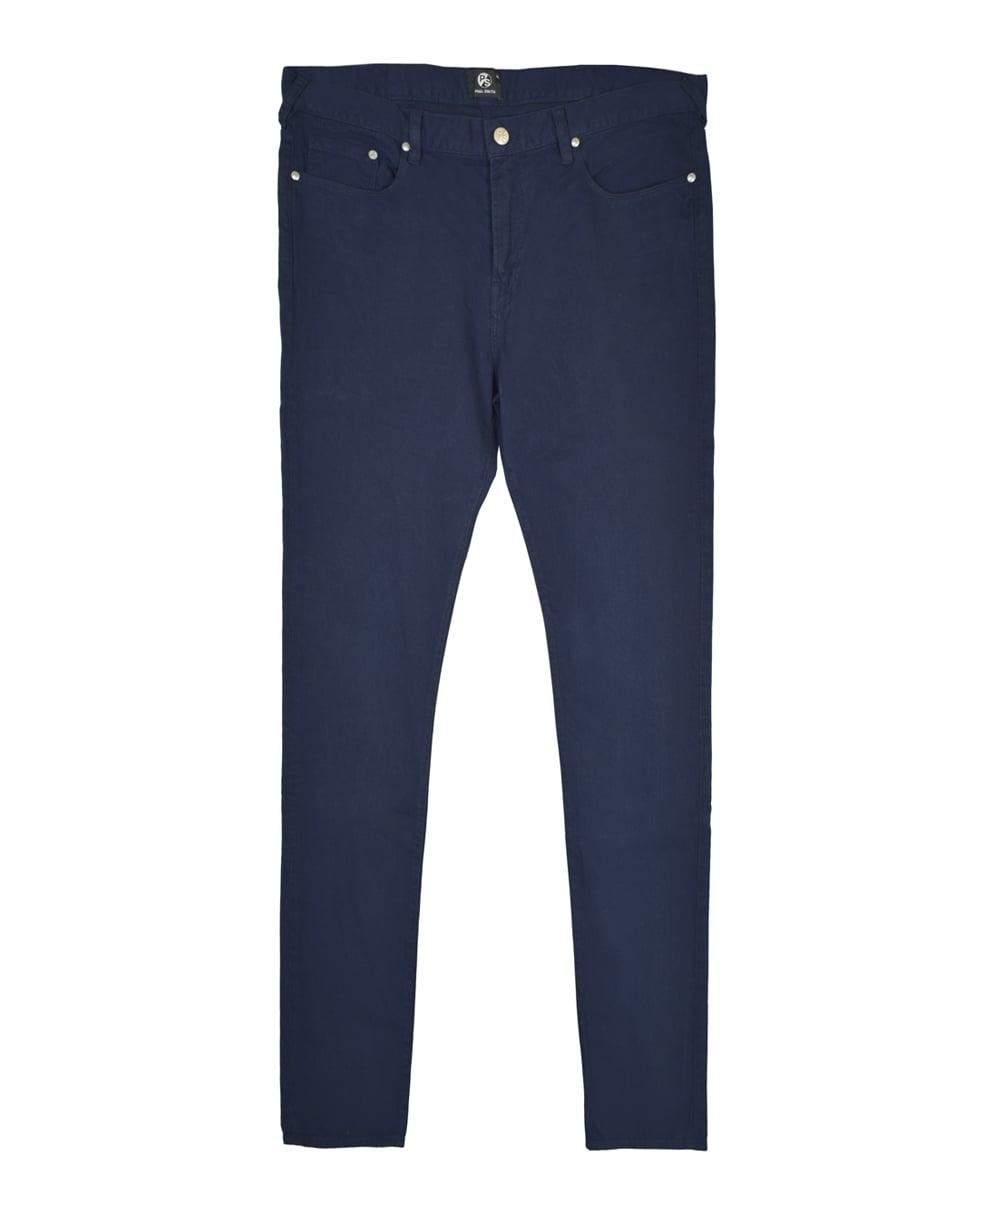 dark blue tapered fit jeans. Black Bedroom Furniture Sets. Home Design Ideas